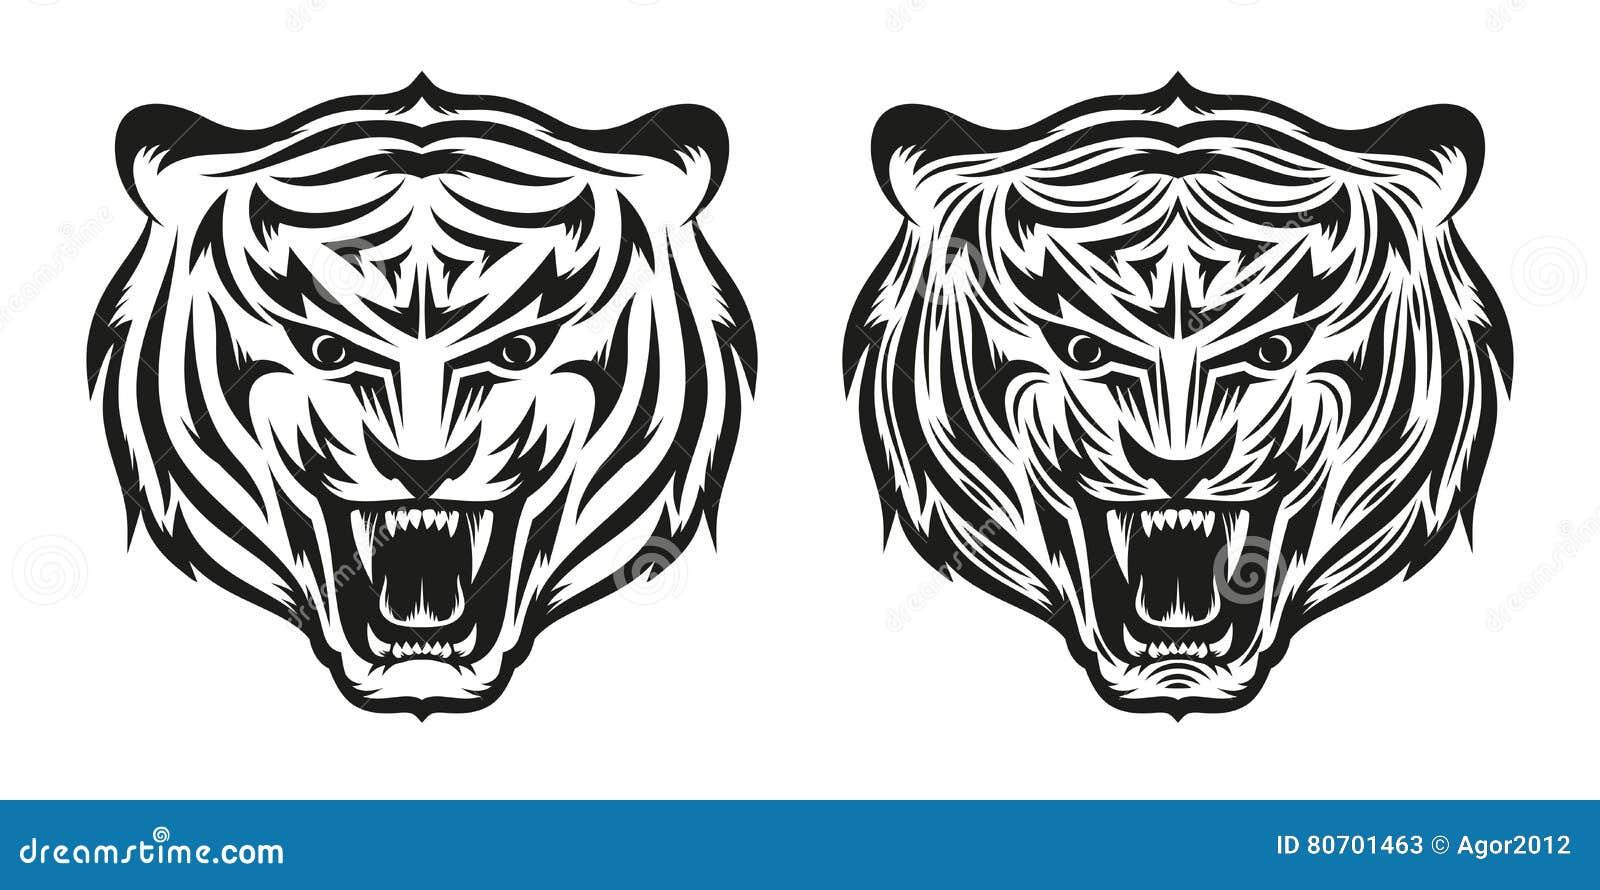 Tiger Tattoo Stock Vector Illustration Of Black Roaring 80701463